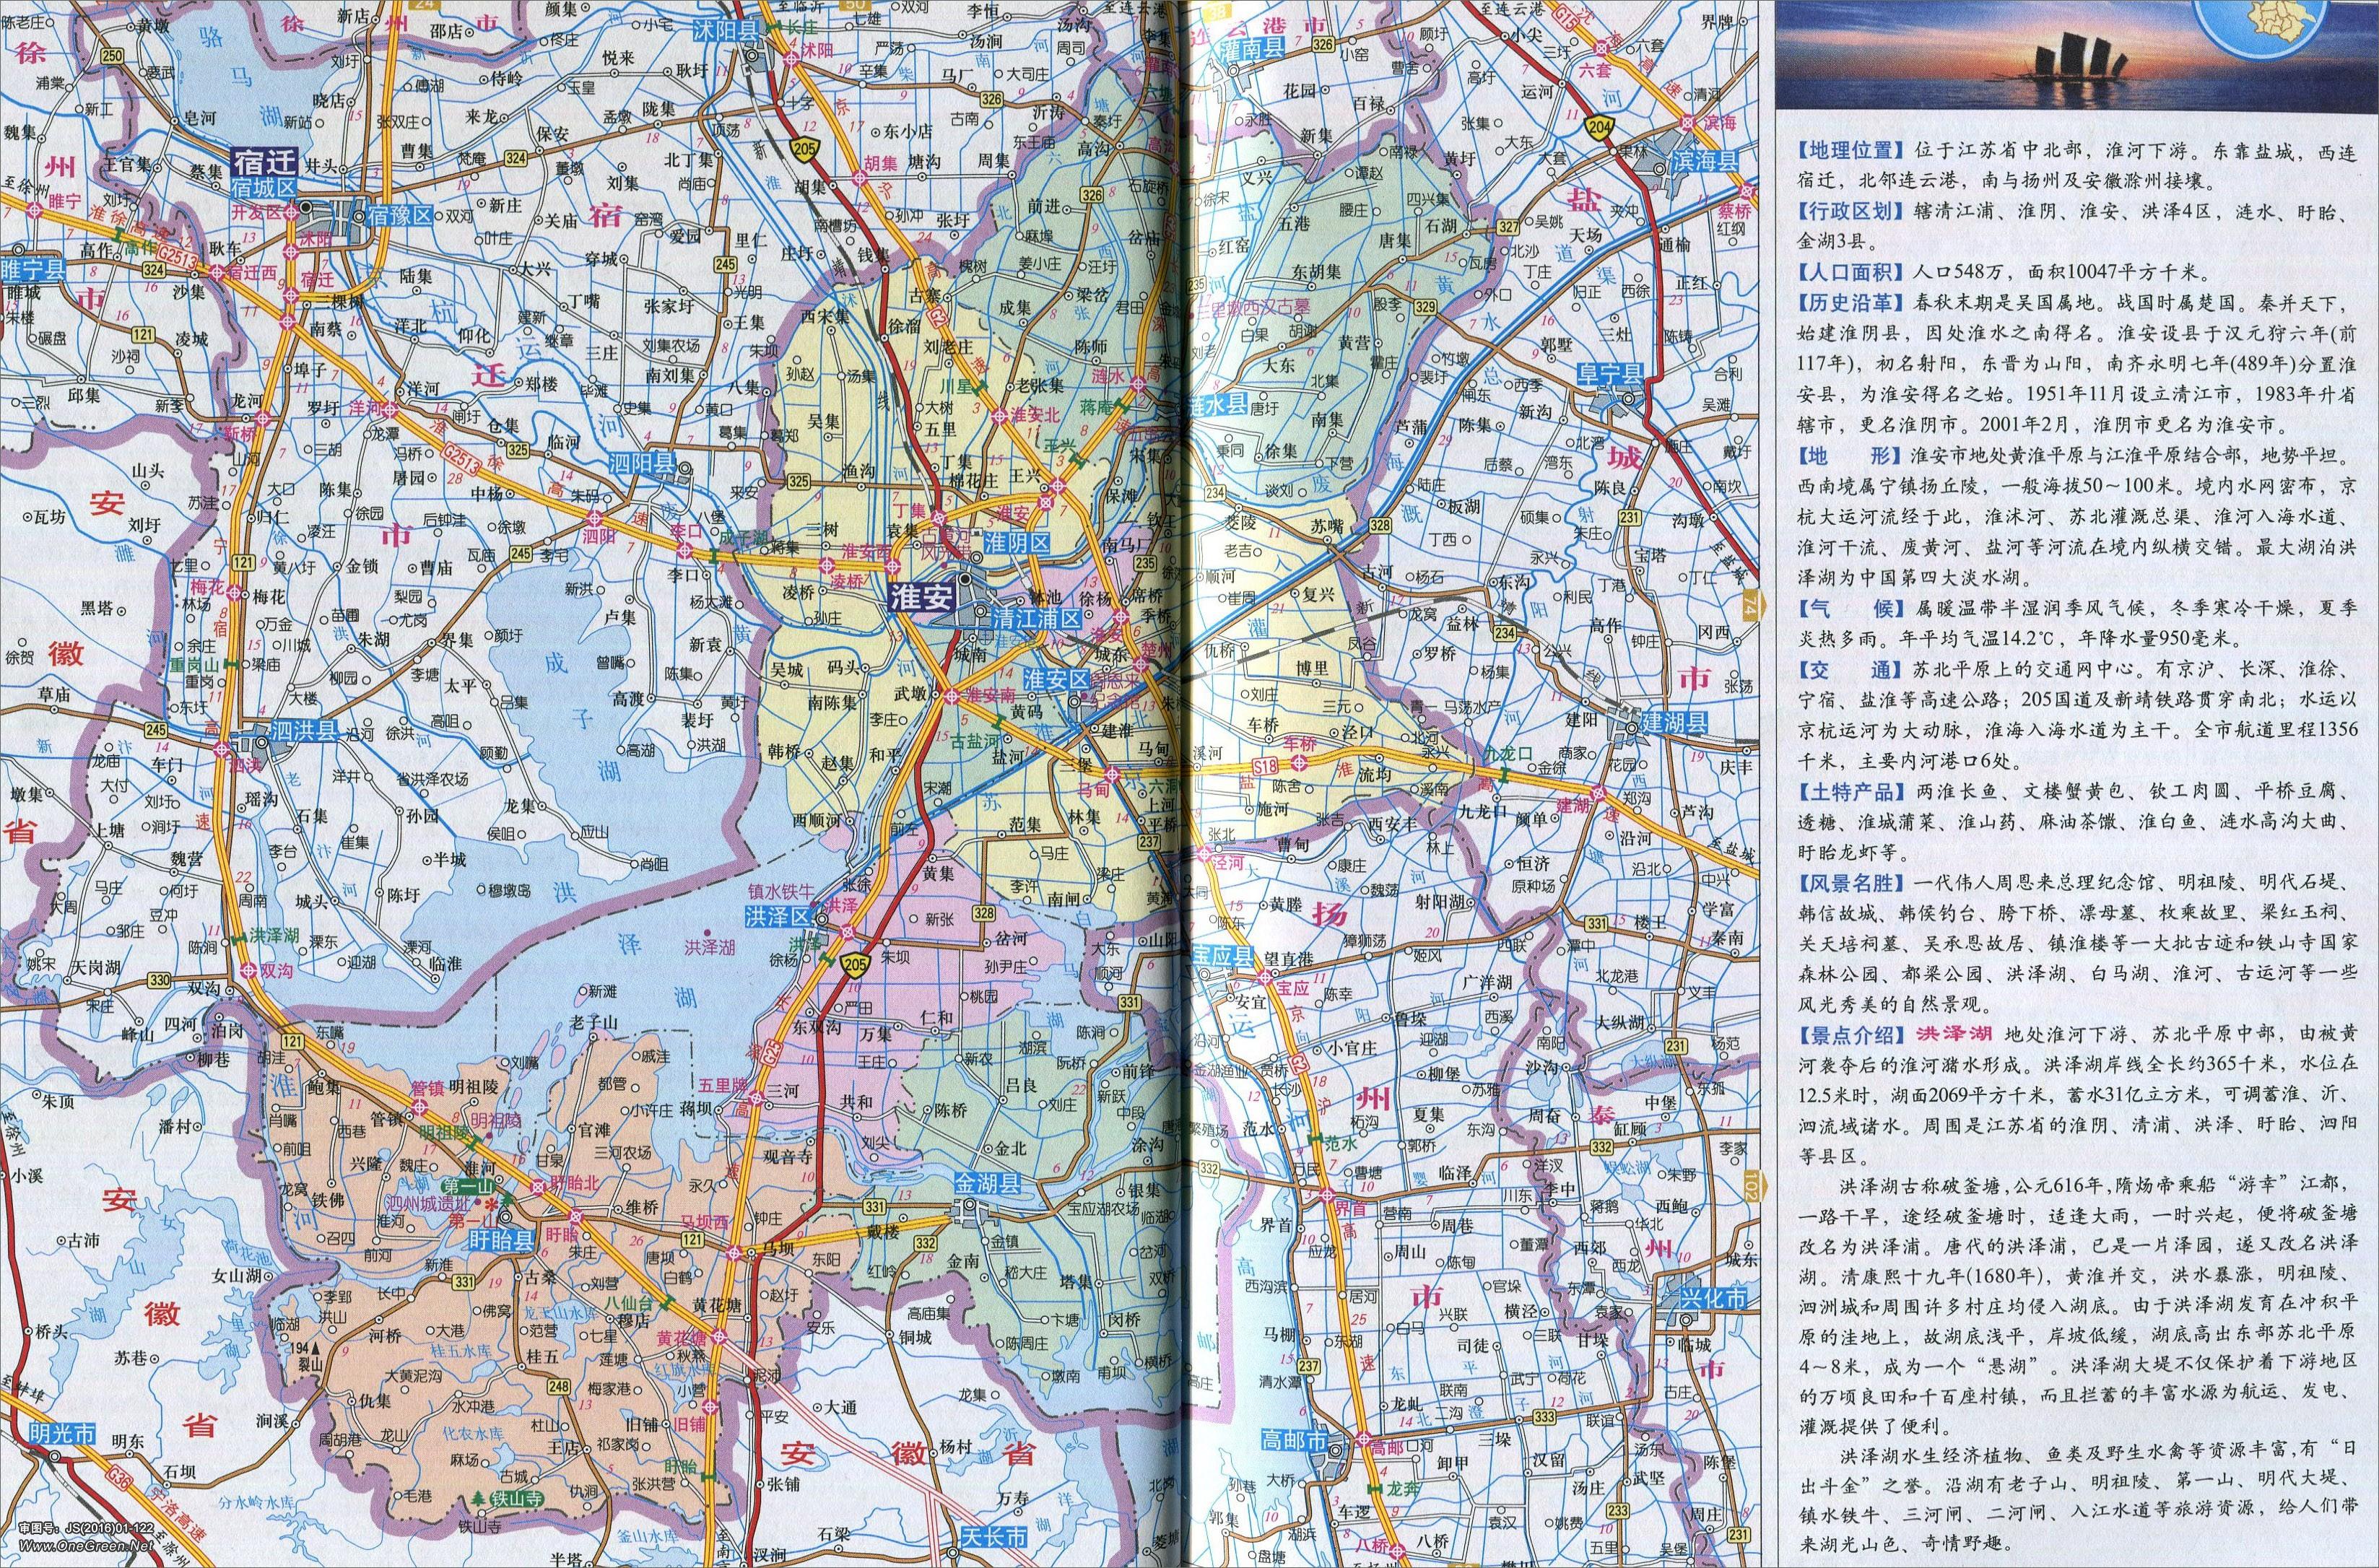 淮安市地图高清版